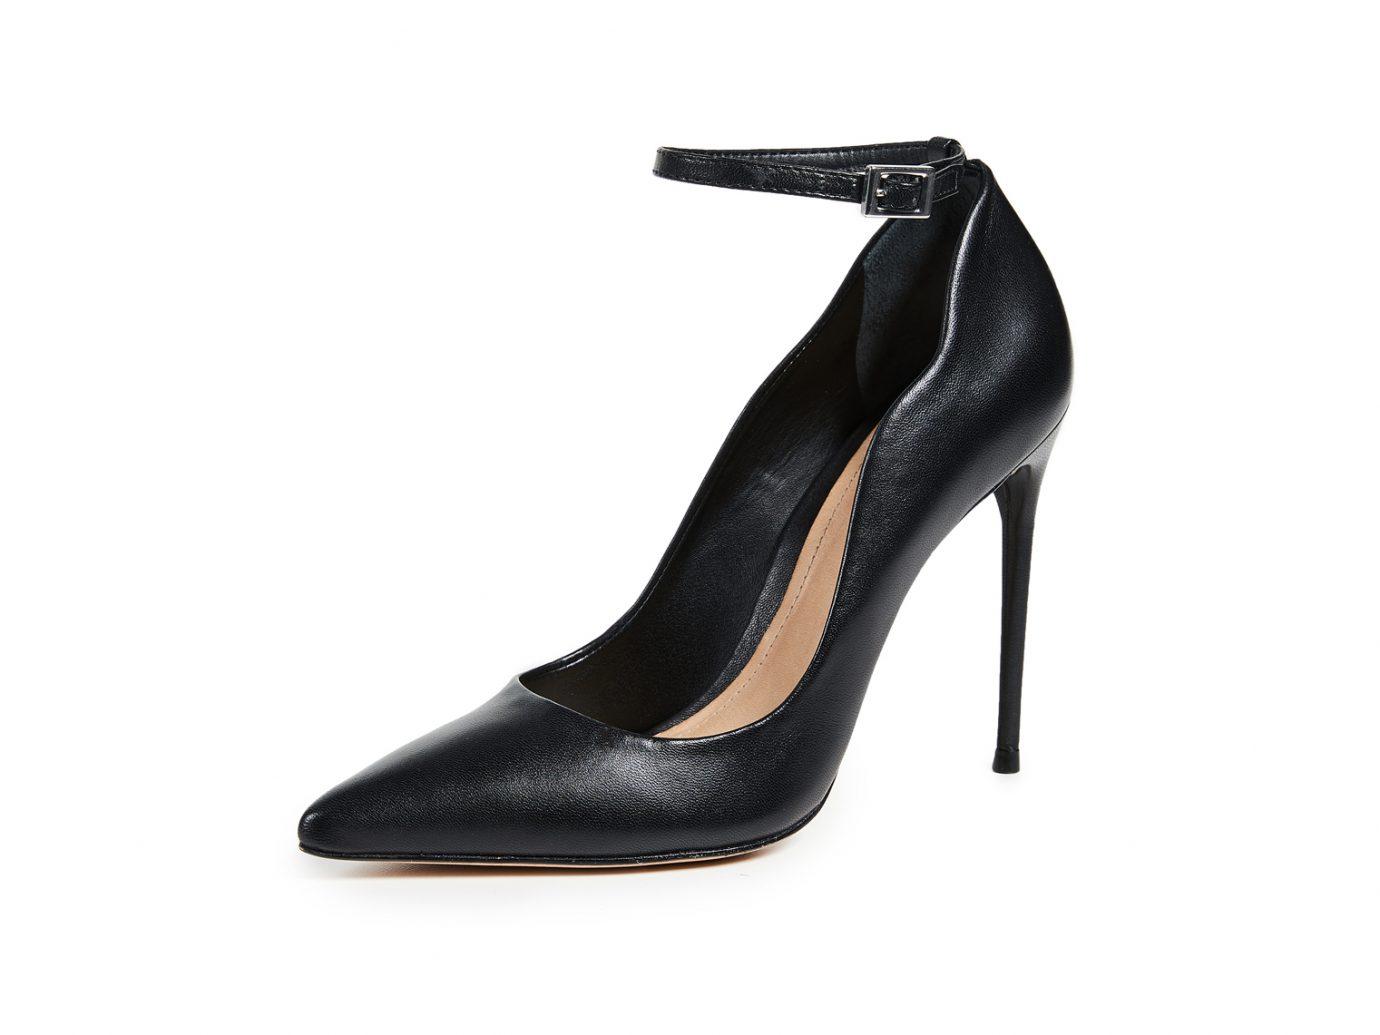 Schutz Thayanara Ankle Strap Pointed Heels